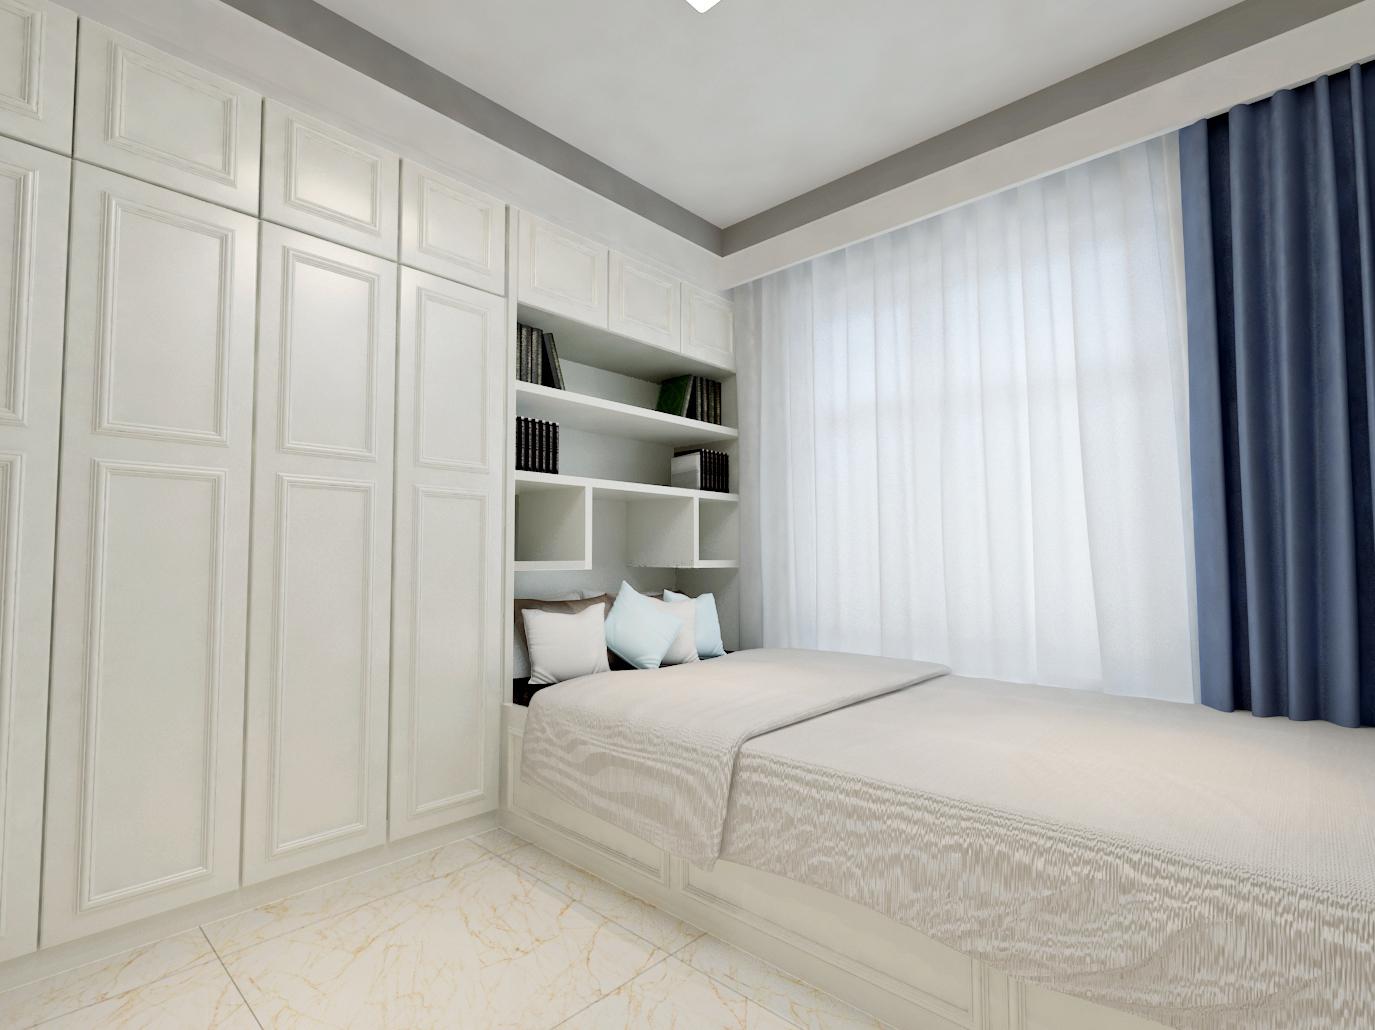 120㎡简约风之家卧室设计图